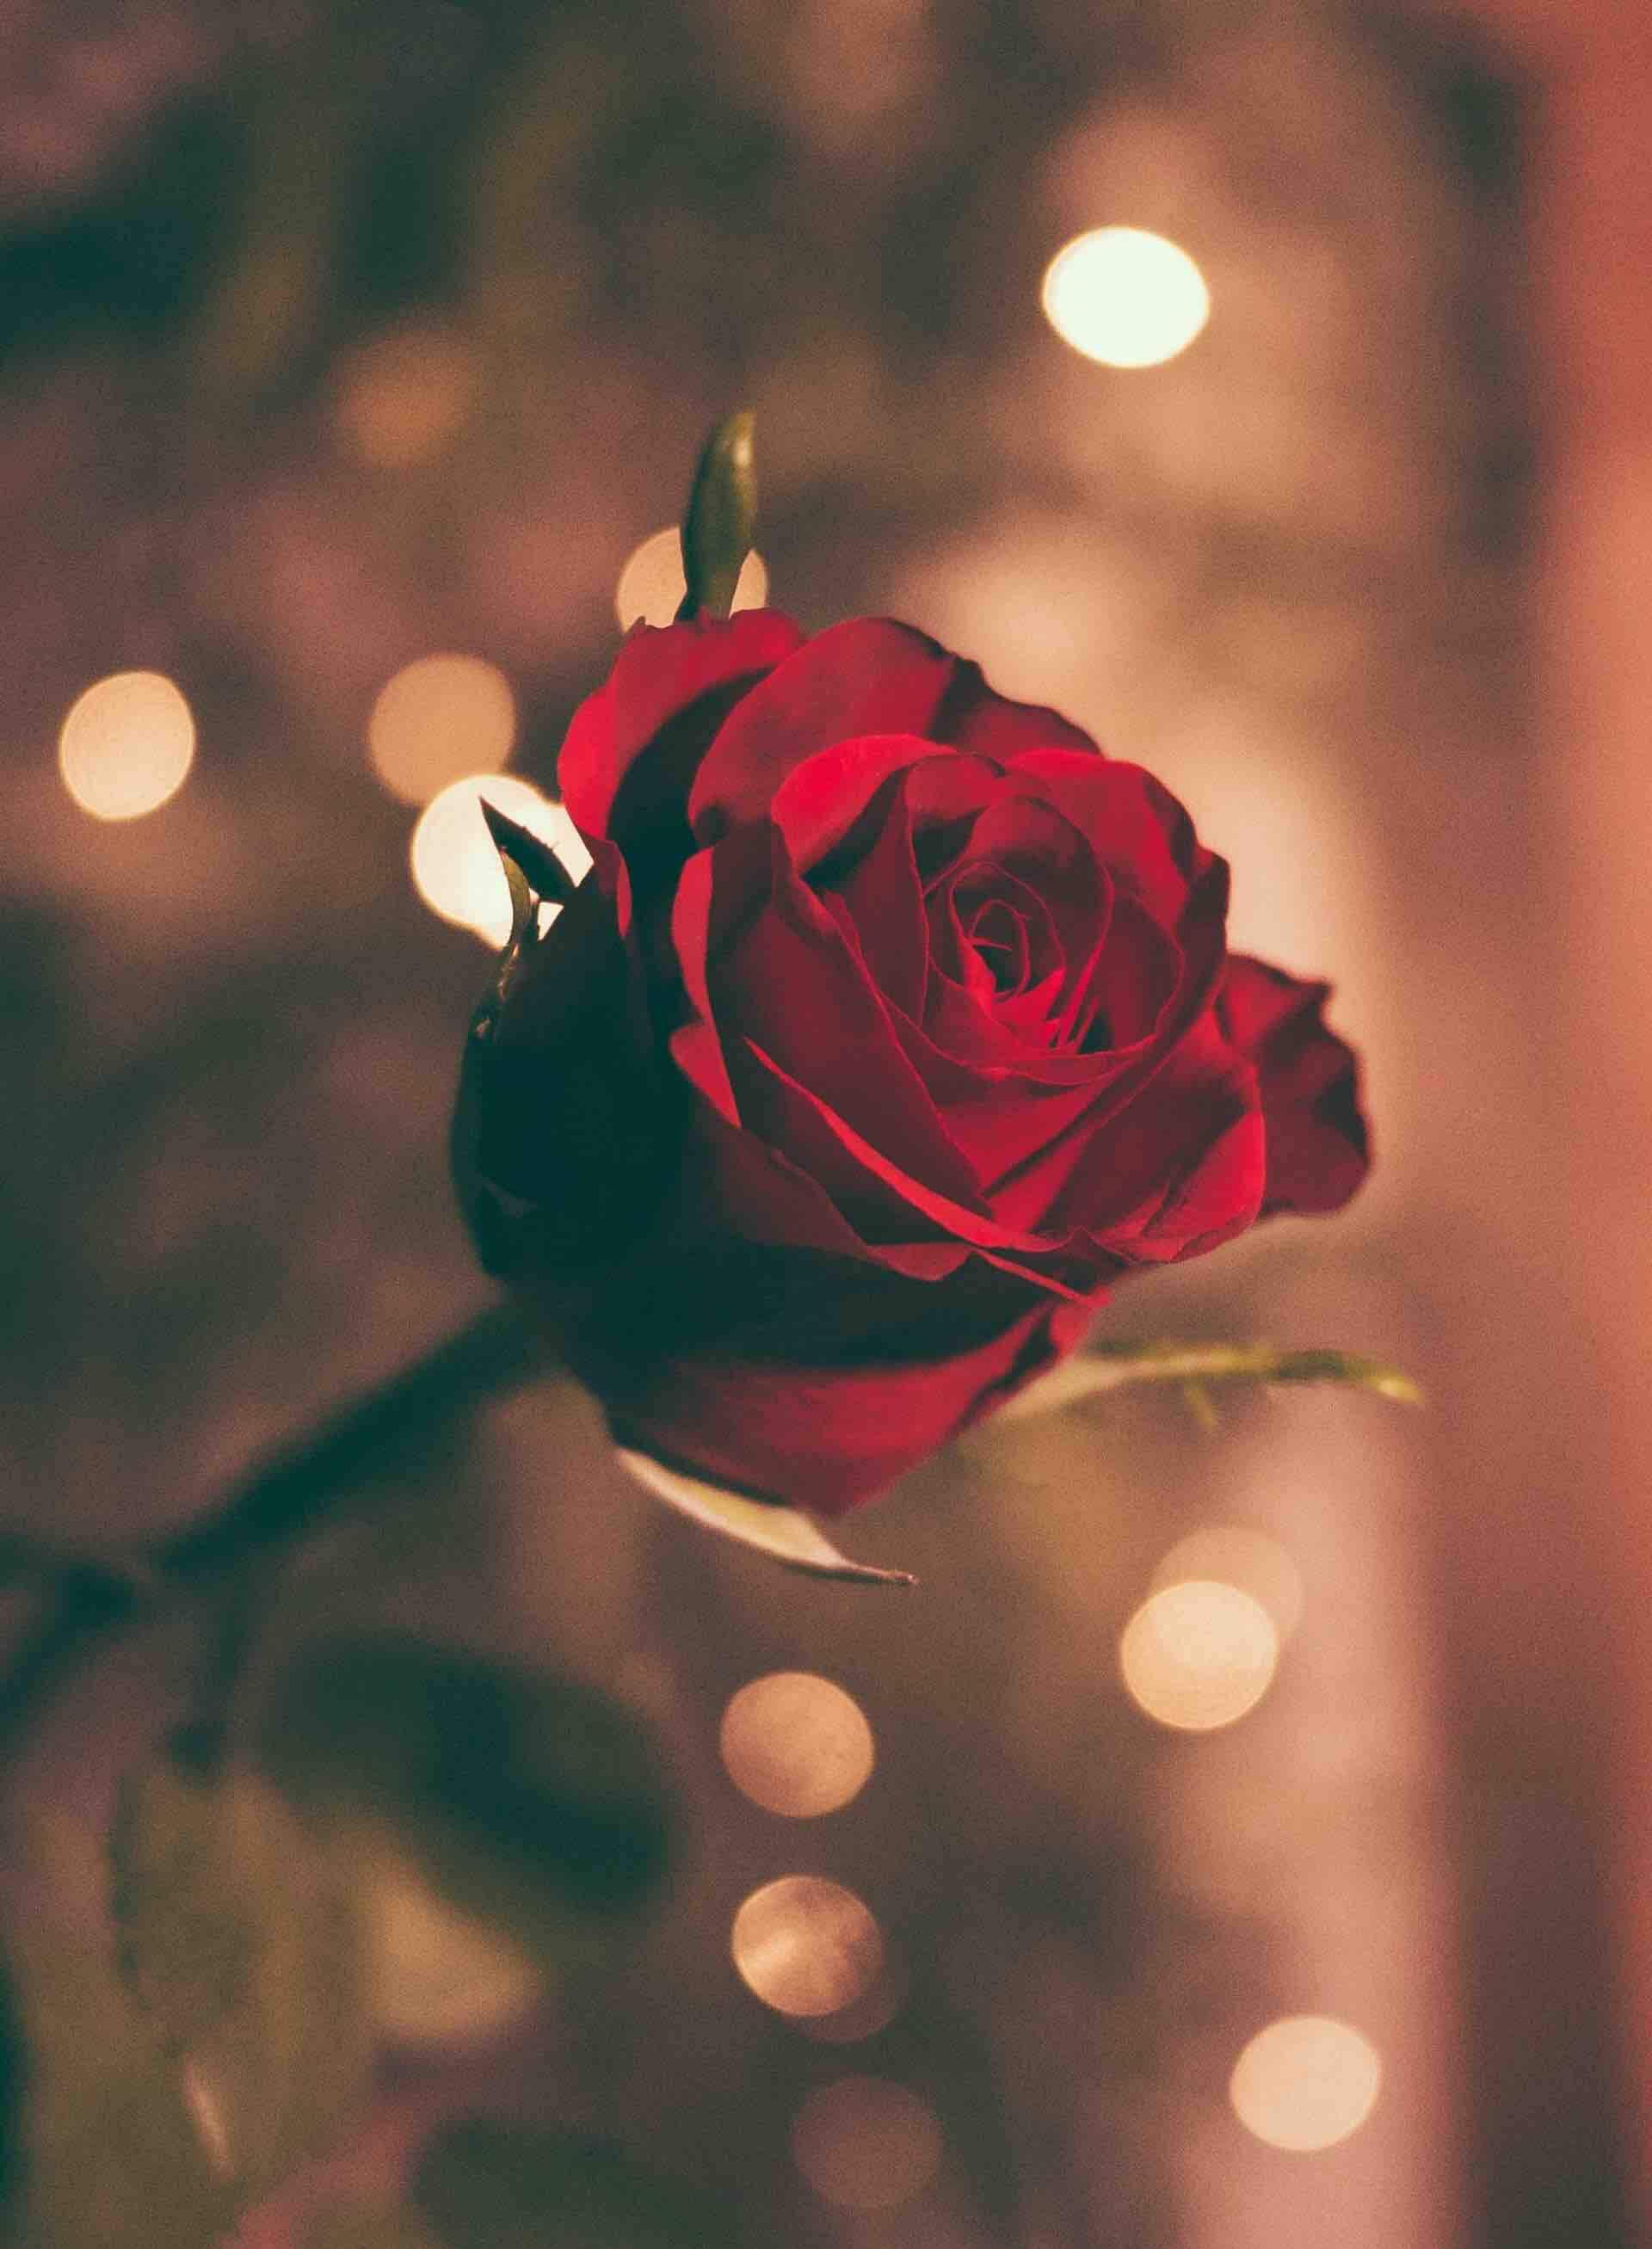 rose amour romantique flou